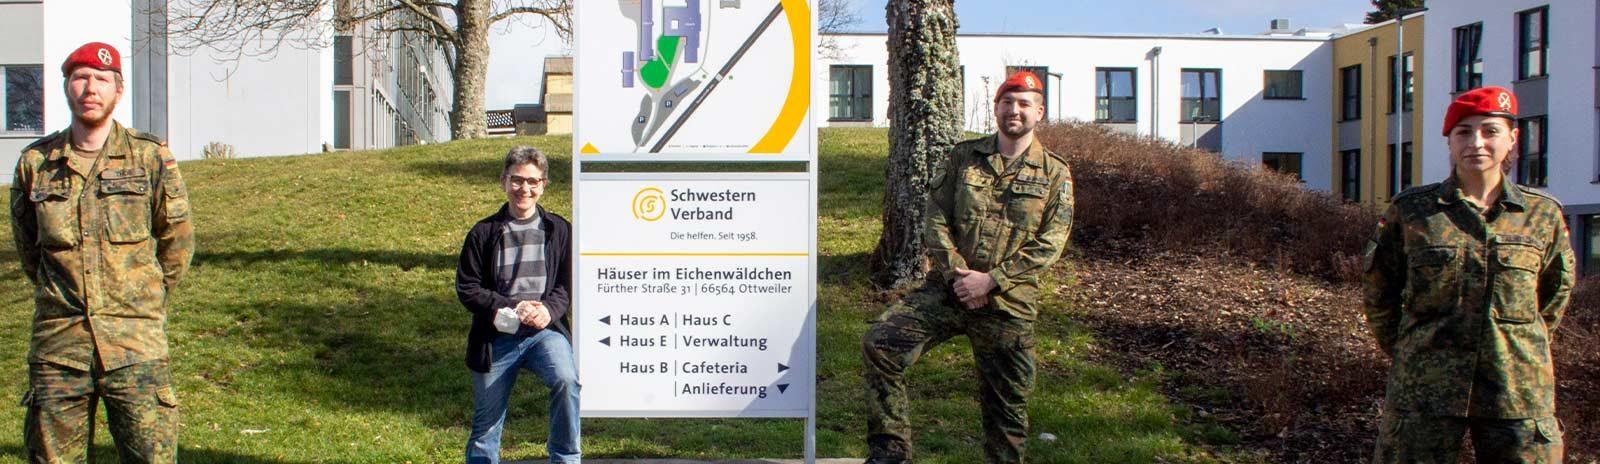 2021_03_25_HiE_Testungen_Bundeswehr_slider